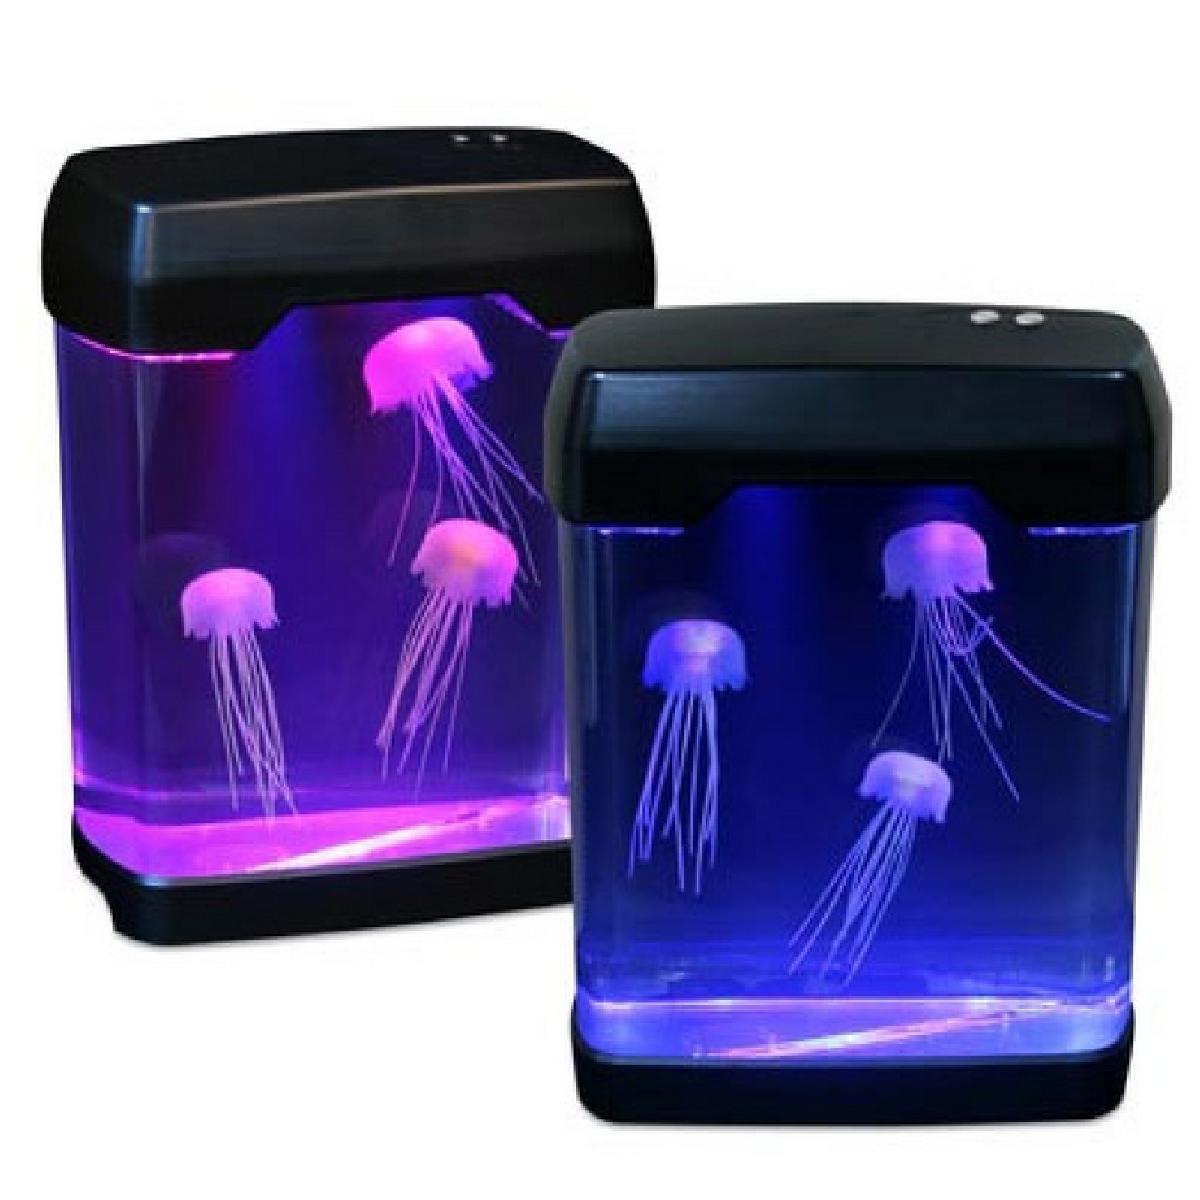 cadeaux 2 ouf id es de cadeaux insolites et originaux un aquarium avec des m duses. Black Bedroom Furniture Sets. Home Design Ideas